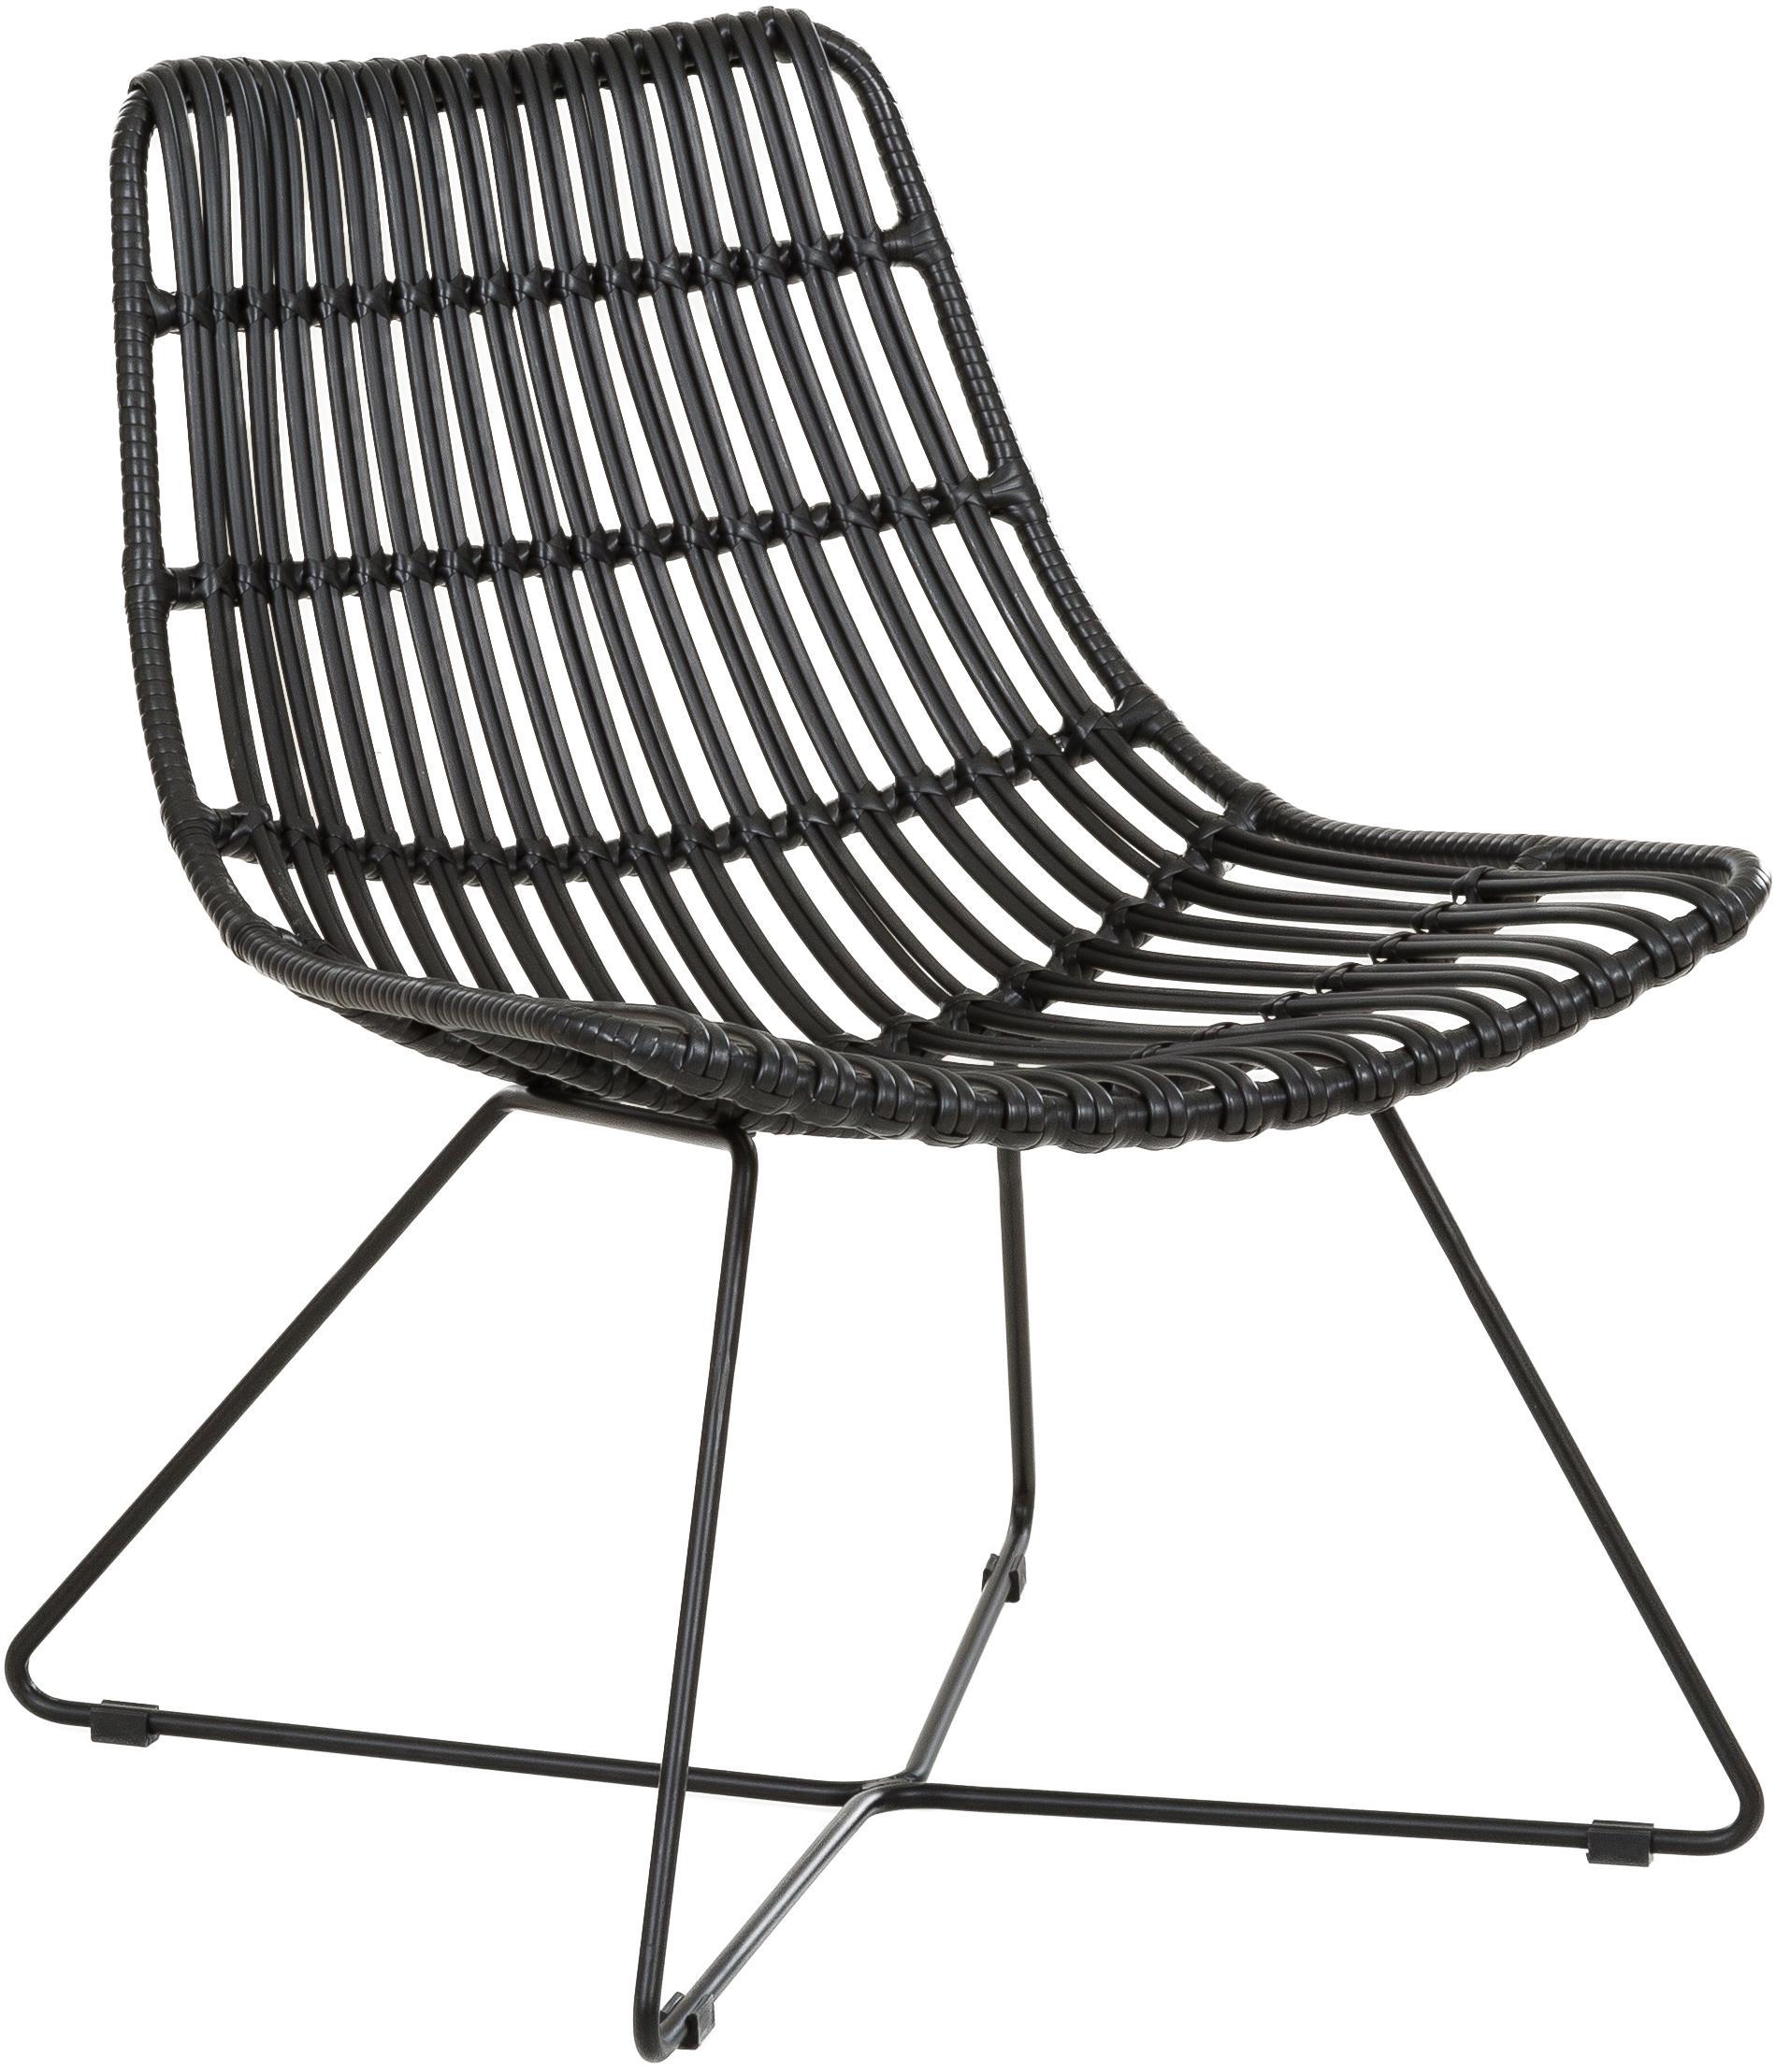 Sessel Costa mit Polyrattan, Sitzfläche: Polyethylen-Geflecht, Gestell: Metall, pulverbeschichtet, Schwarz, B 64 x T 64 cm